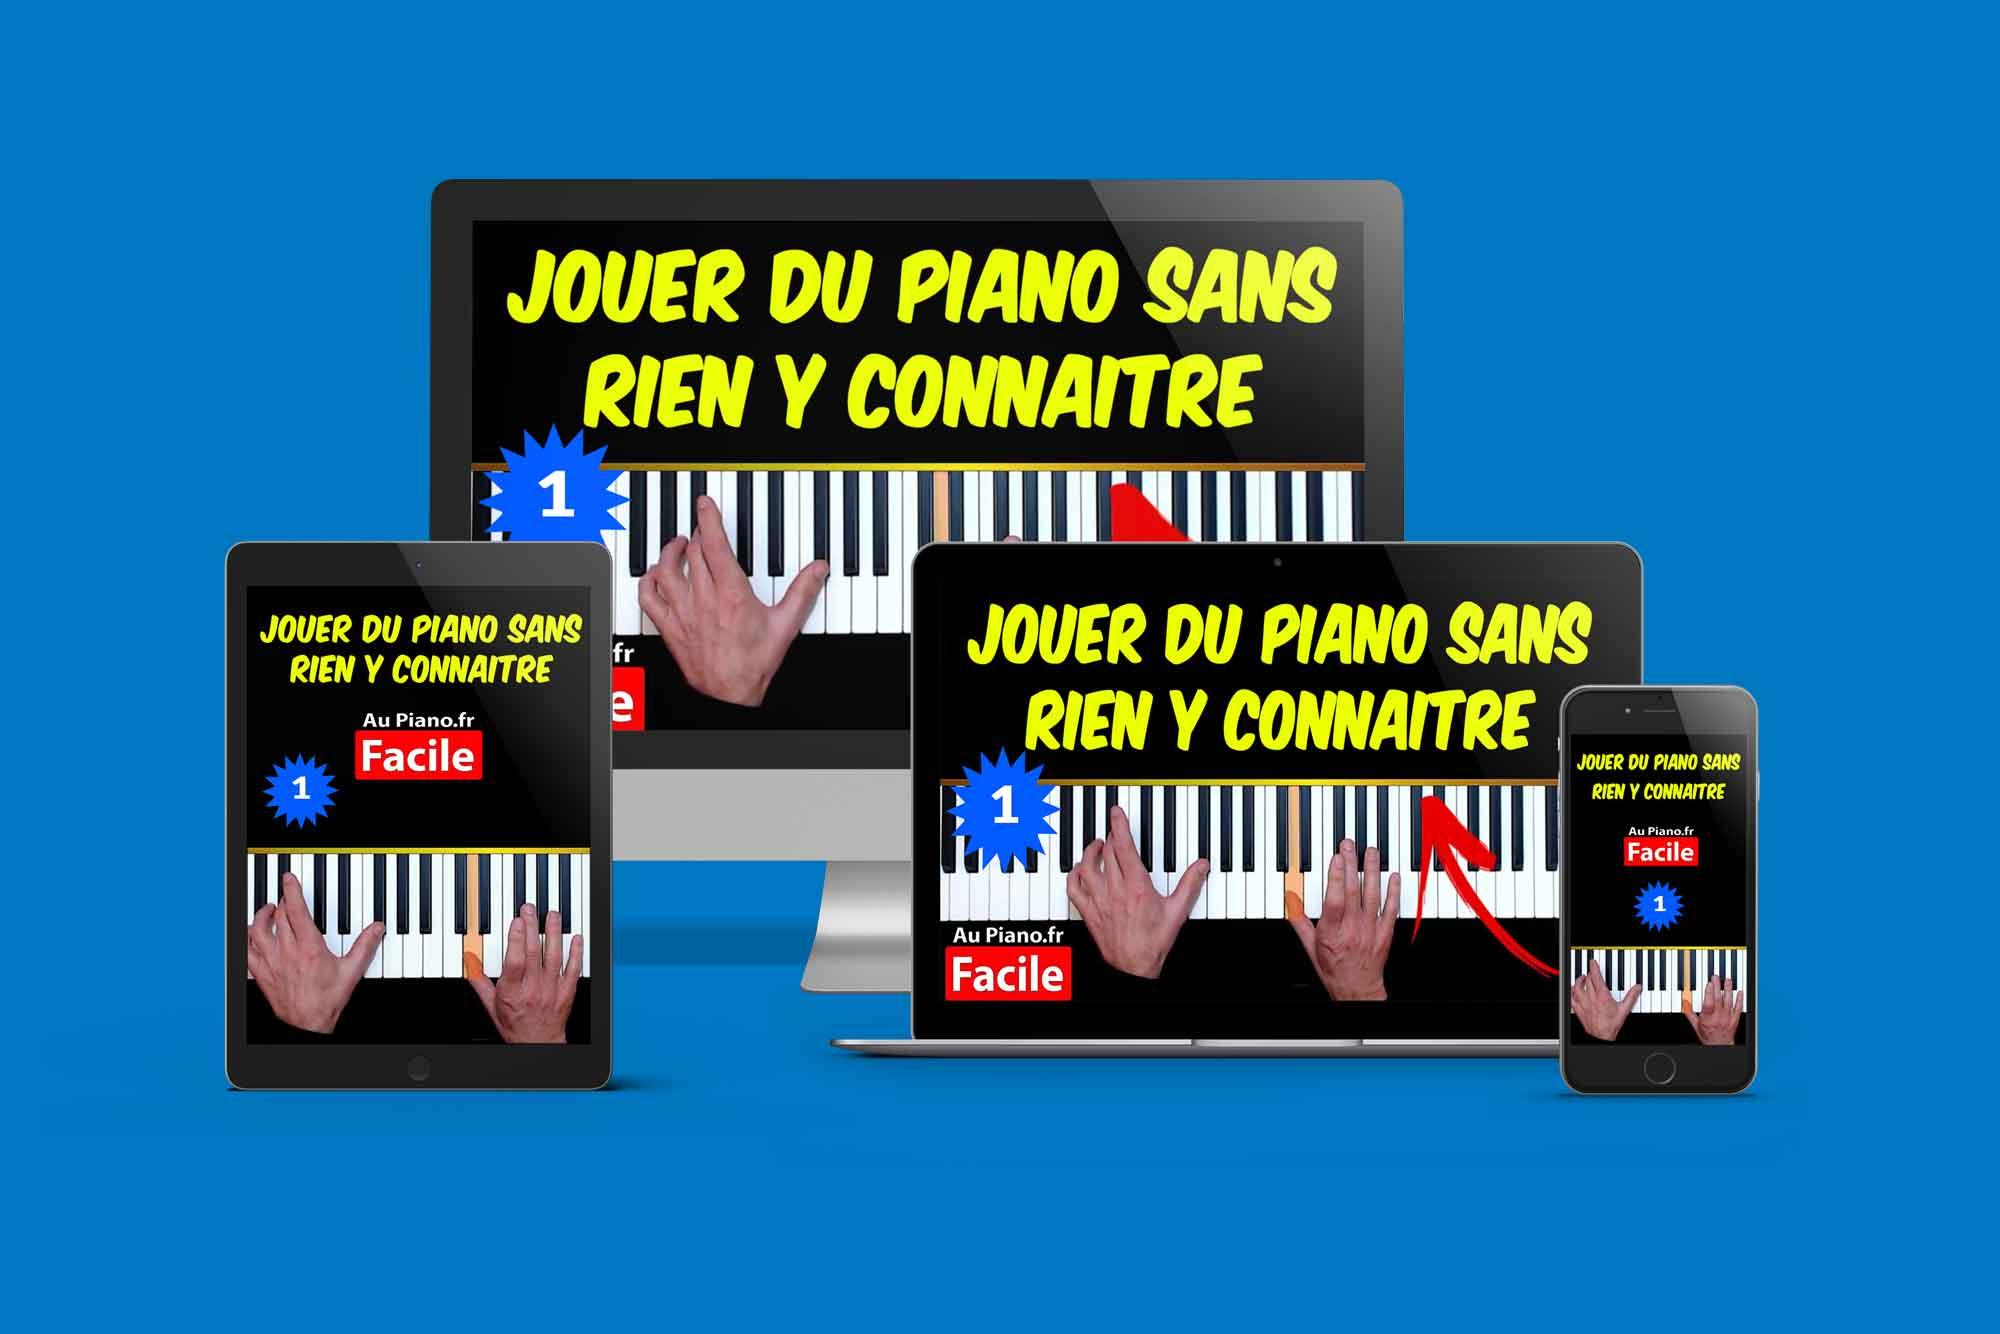 Mockup-jouer-du-piano